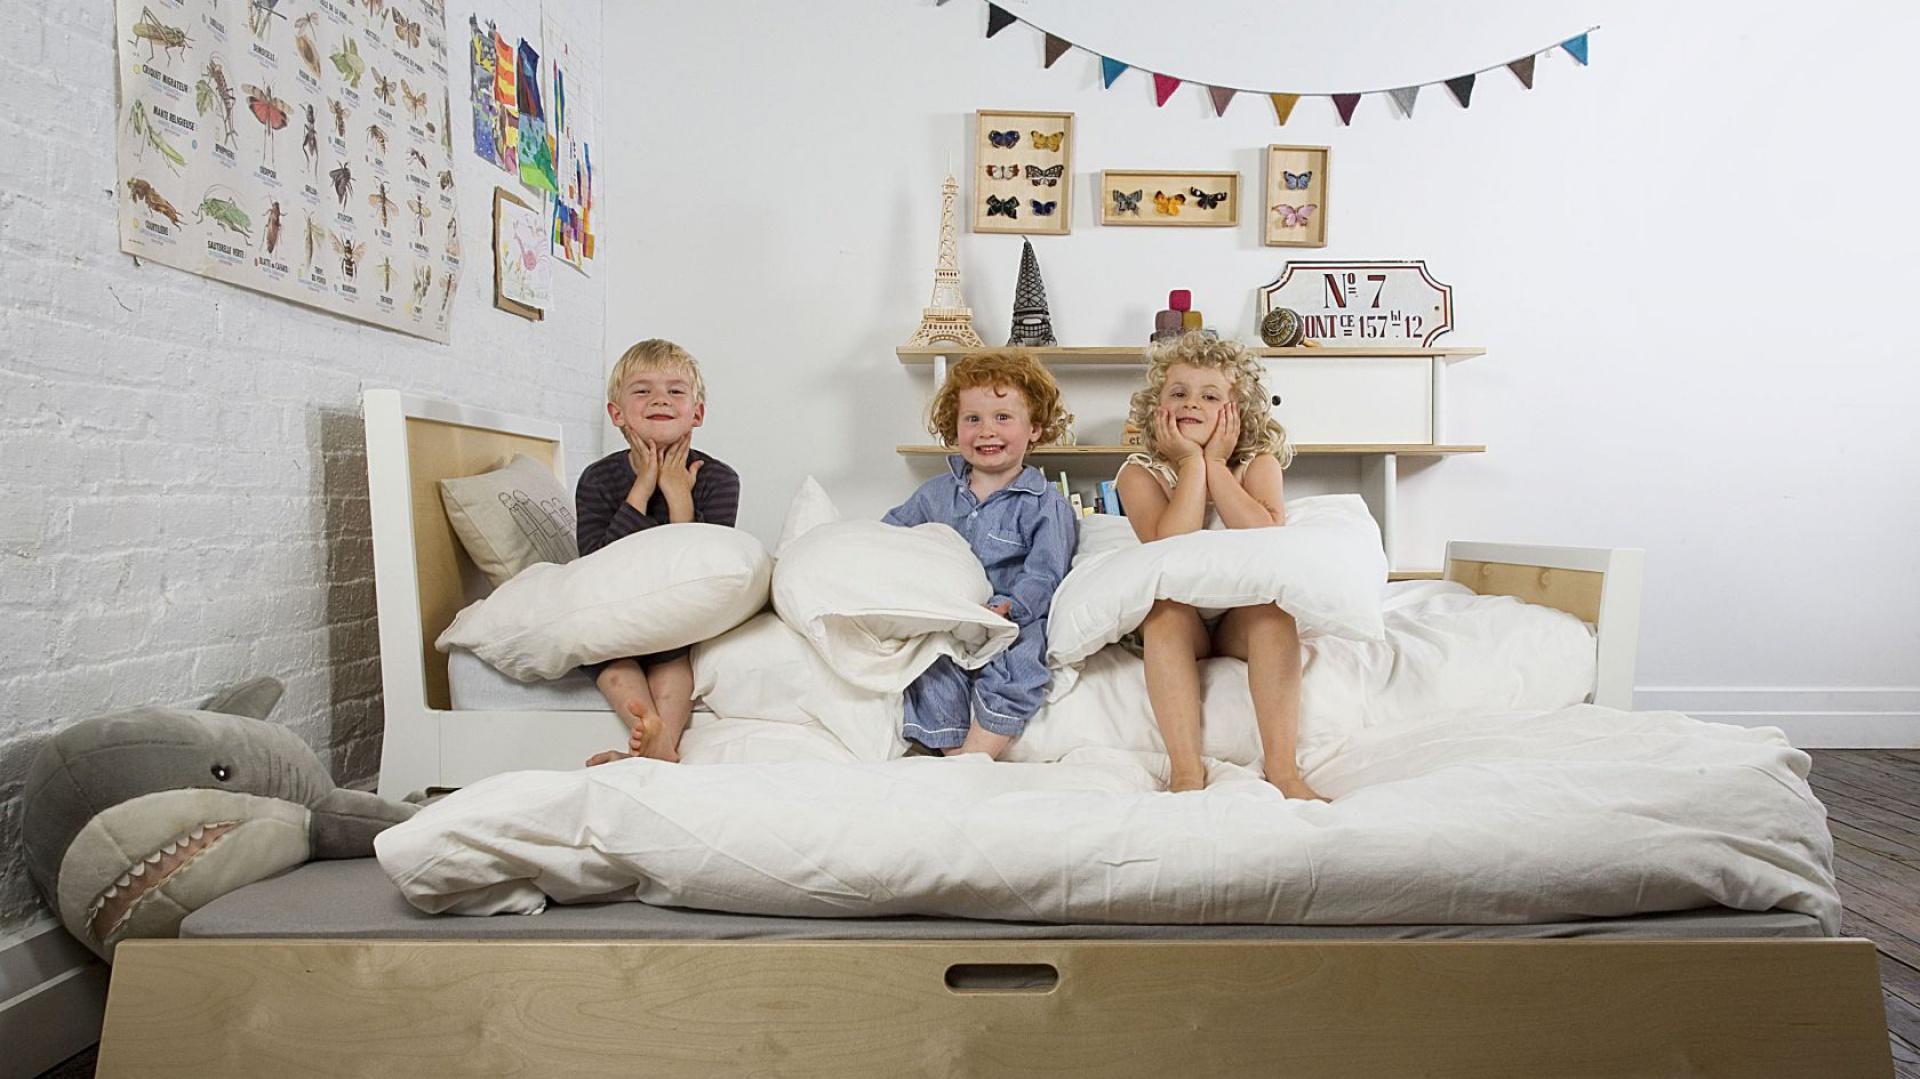 Czysta, wywietrzona pościel to jeden z czynników, gwarantujących dziecku zdrowy i spokojny sen, tak potrzebny do prawidłowego rozwoju. Dlatego nie można zapominać o jej regularnym zmienianiu. Fot. Nubie - Modern Kids.